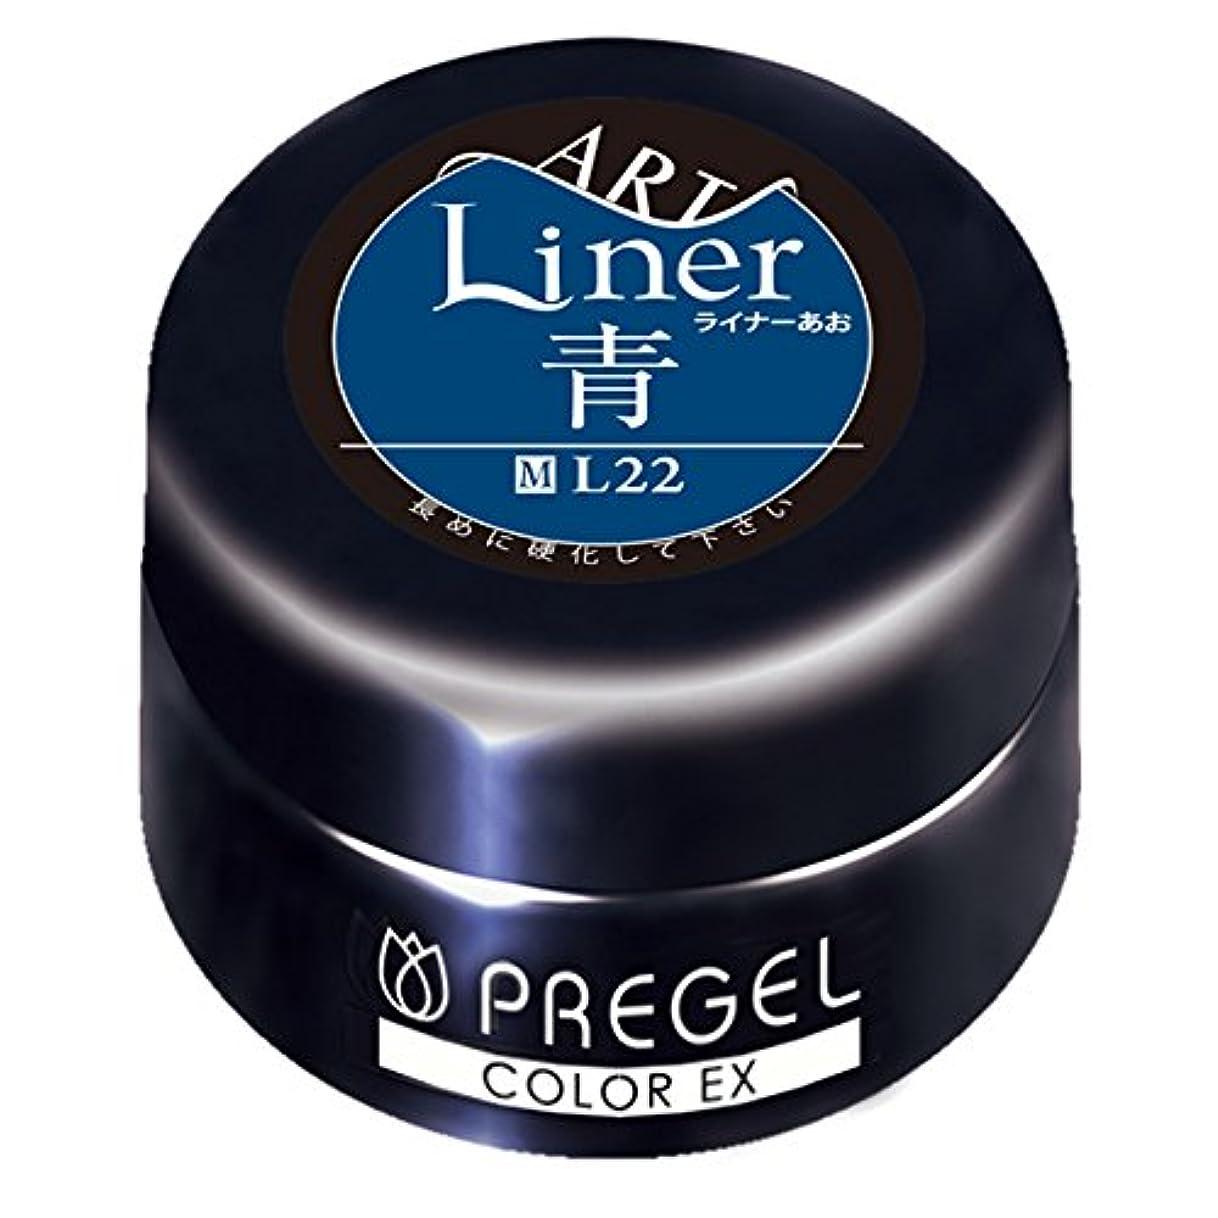 逃れる衣装無法者PRE GEL カラーEX ライナー青 3g PG-CEL22 UV/LED対応